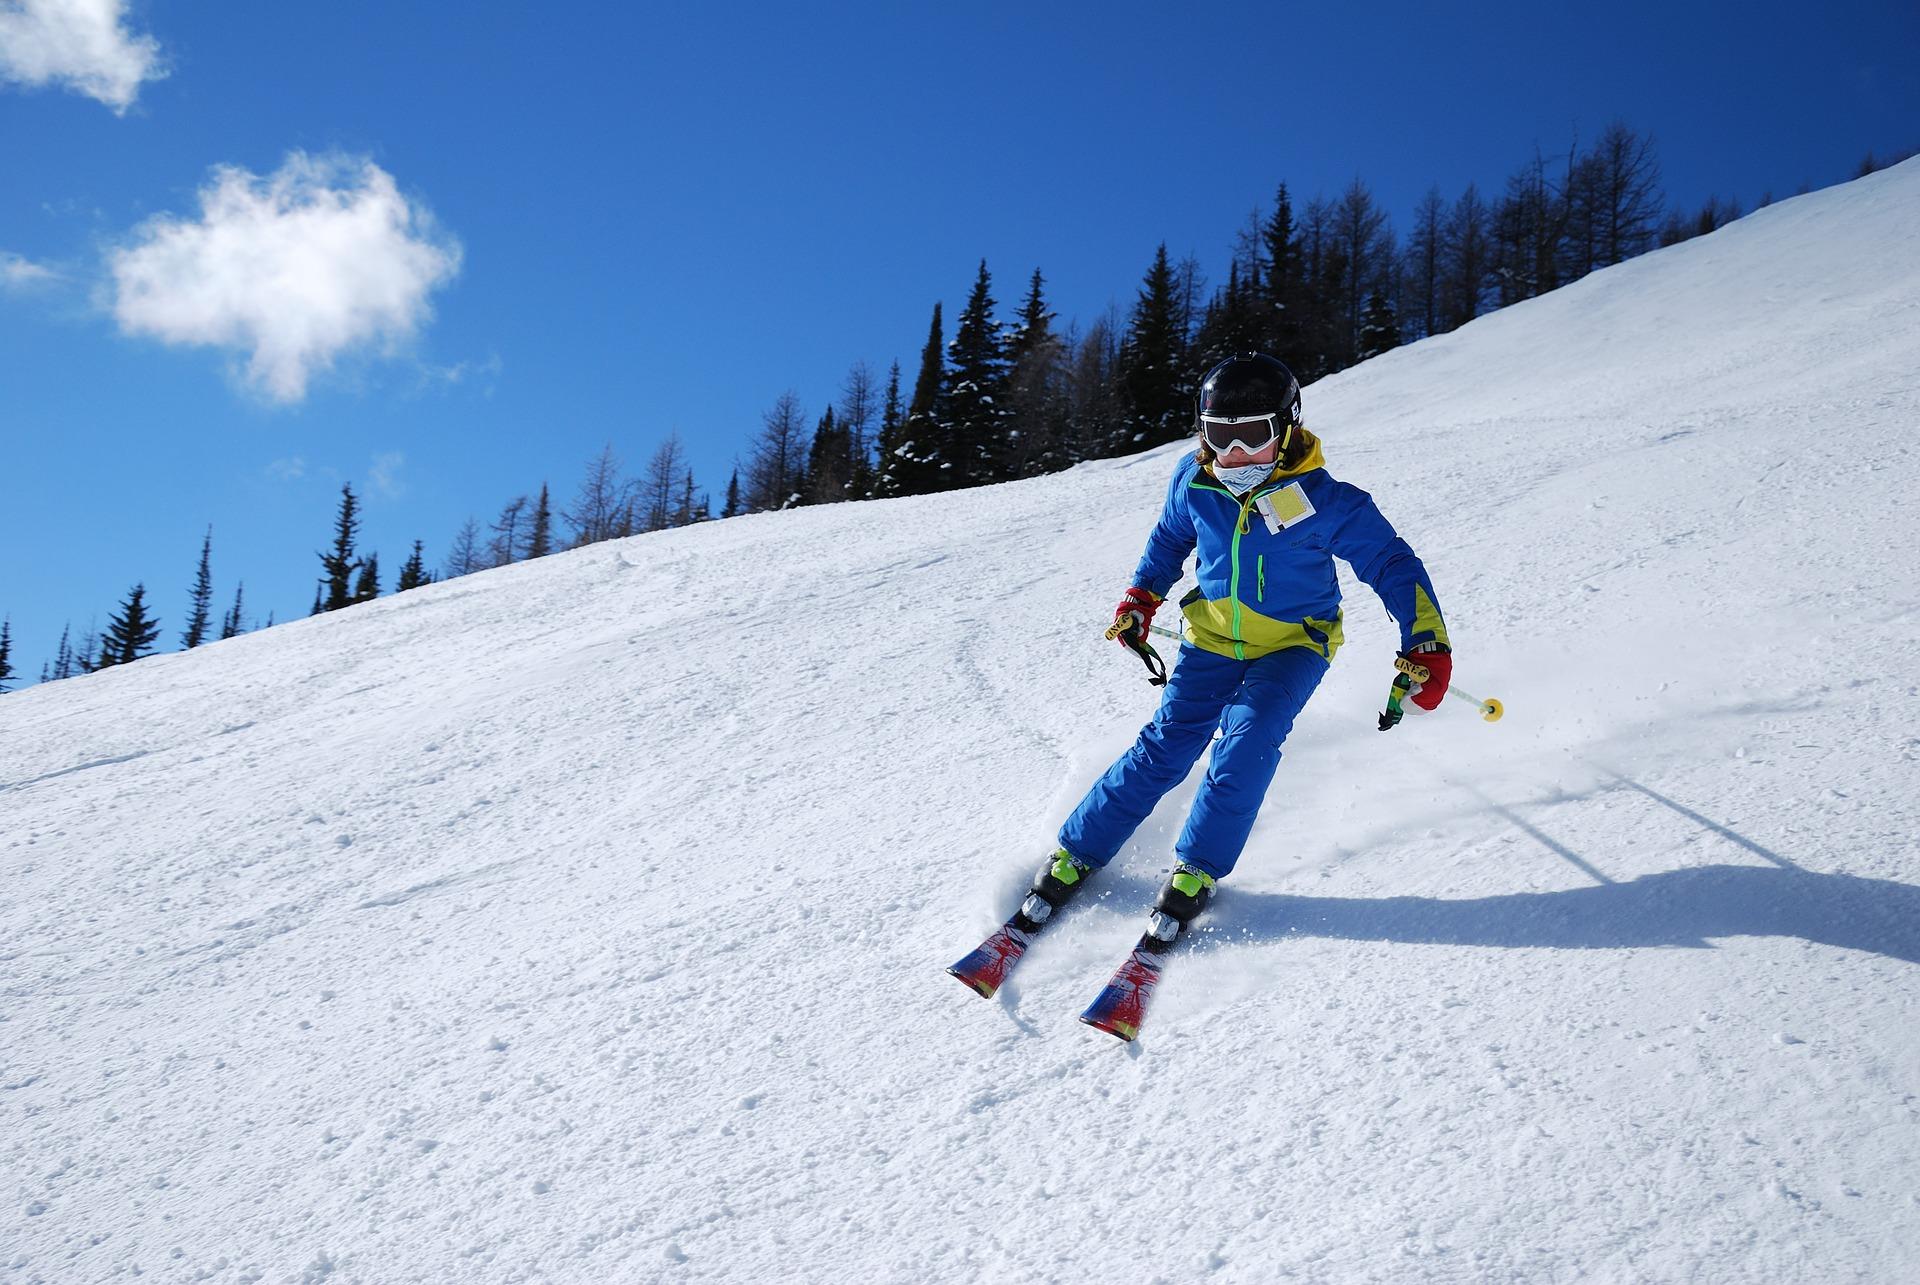 Imagen esquí Blog Entrenaconluismi - Entrenador Personal Madrid